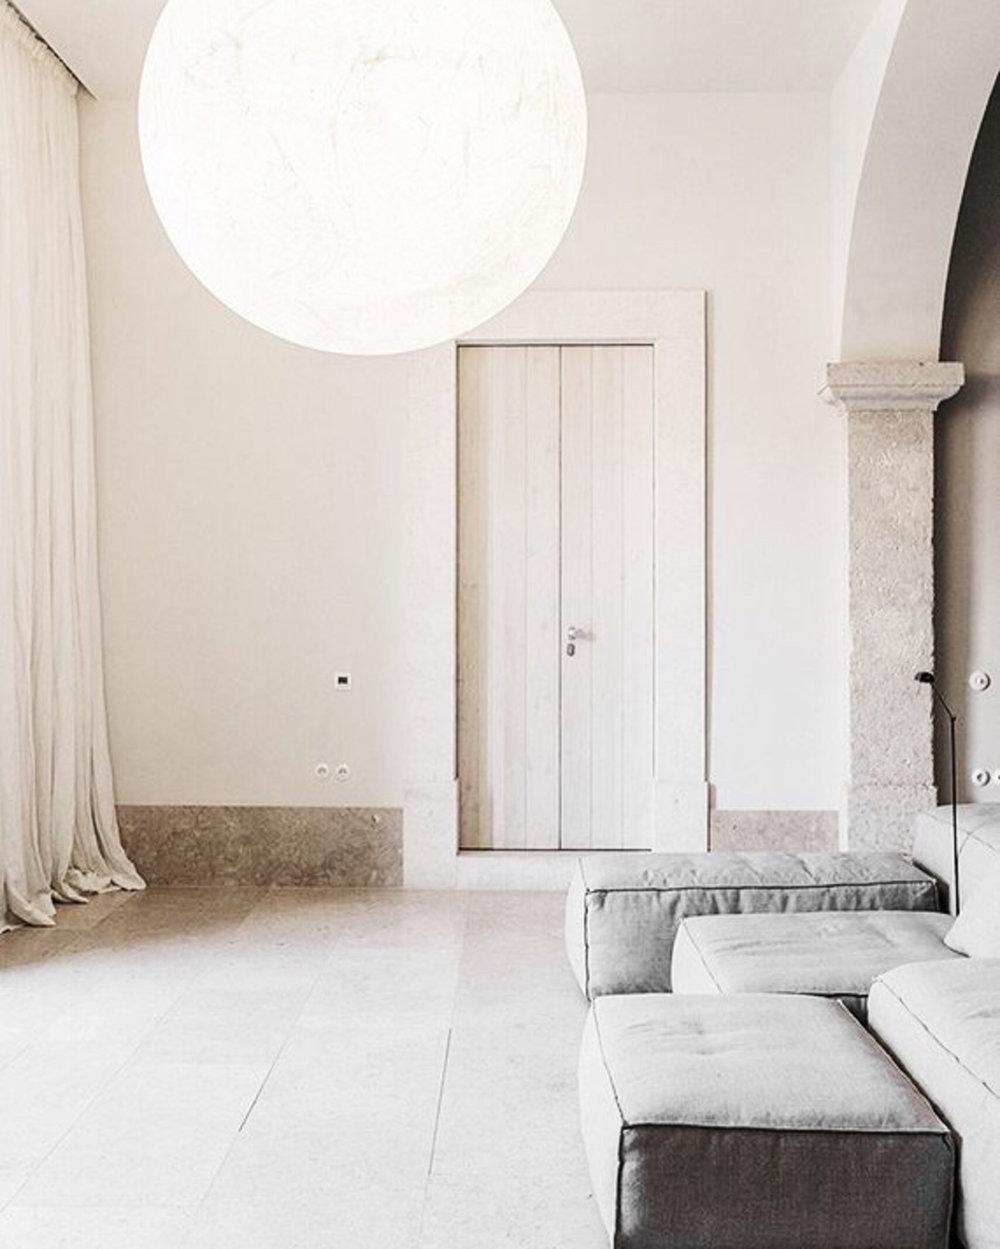 A Minimalist's Dream Home Come True